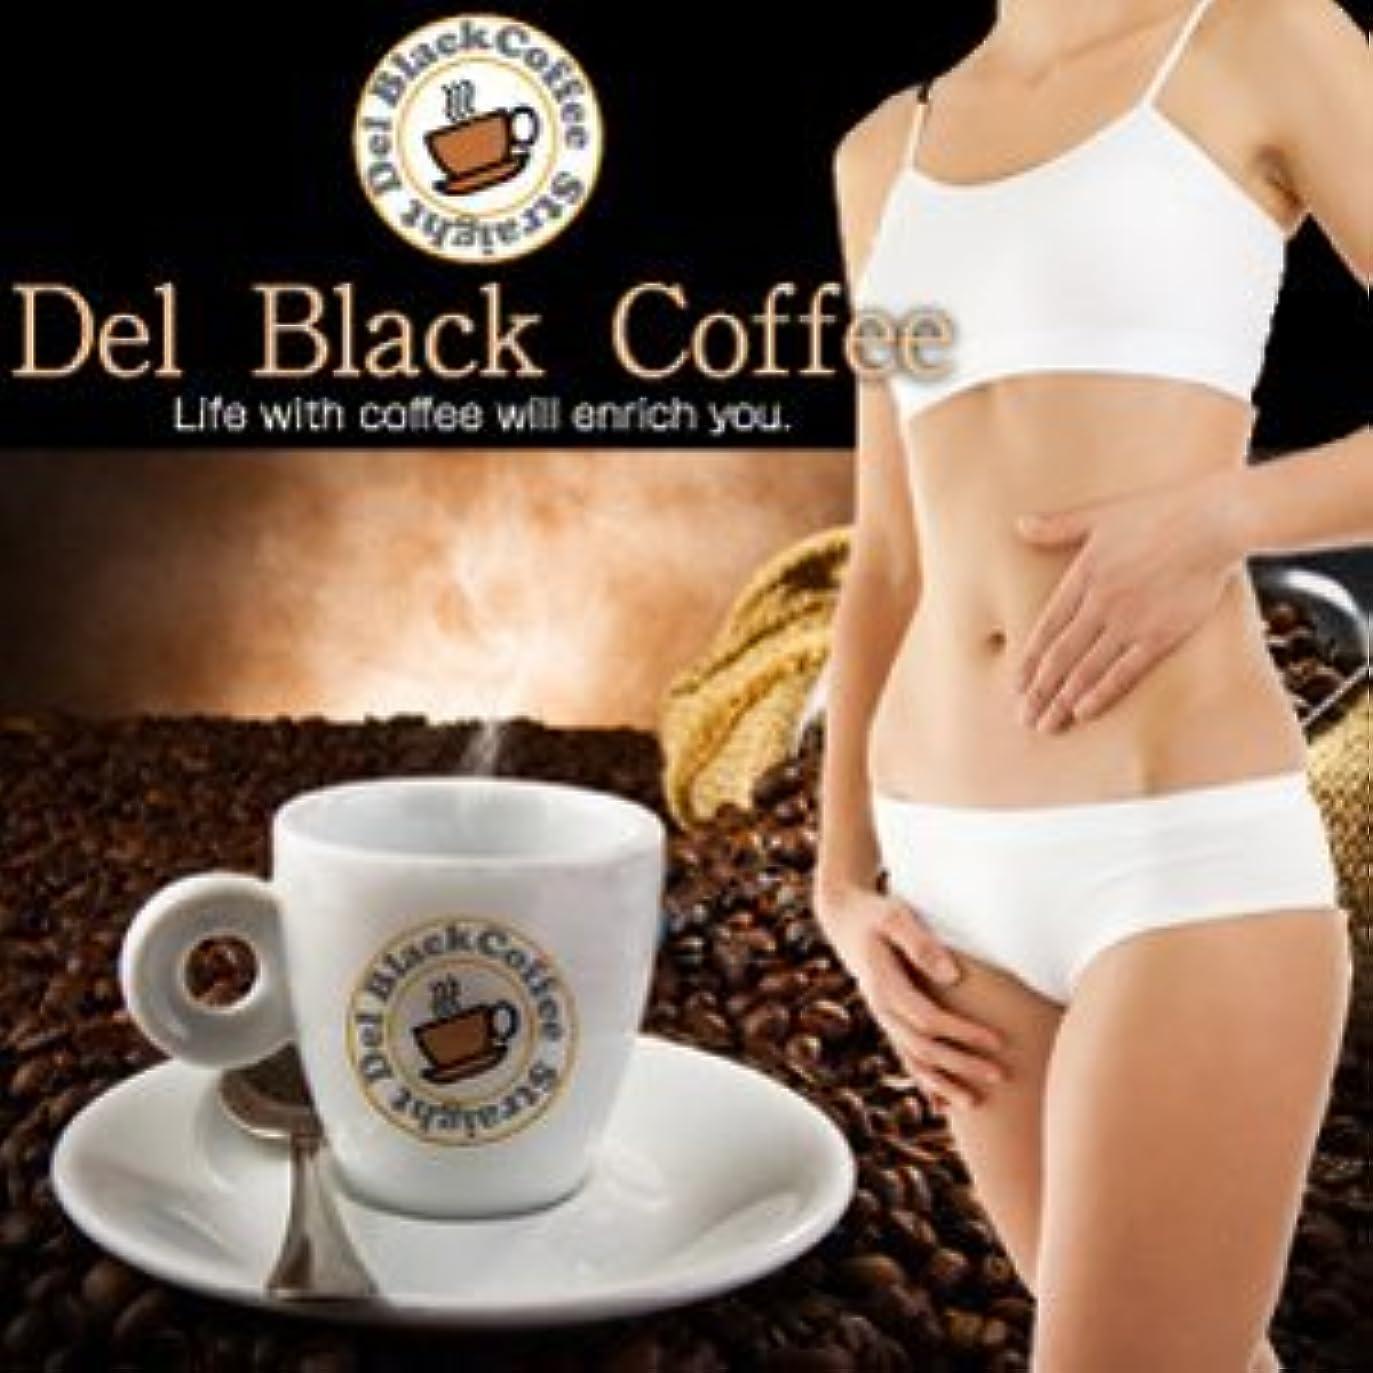 九チャーターストリップデルブラックコーヒー